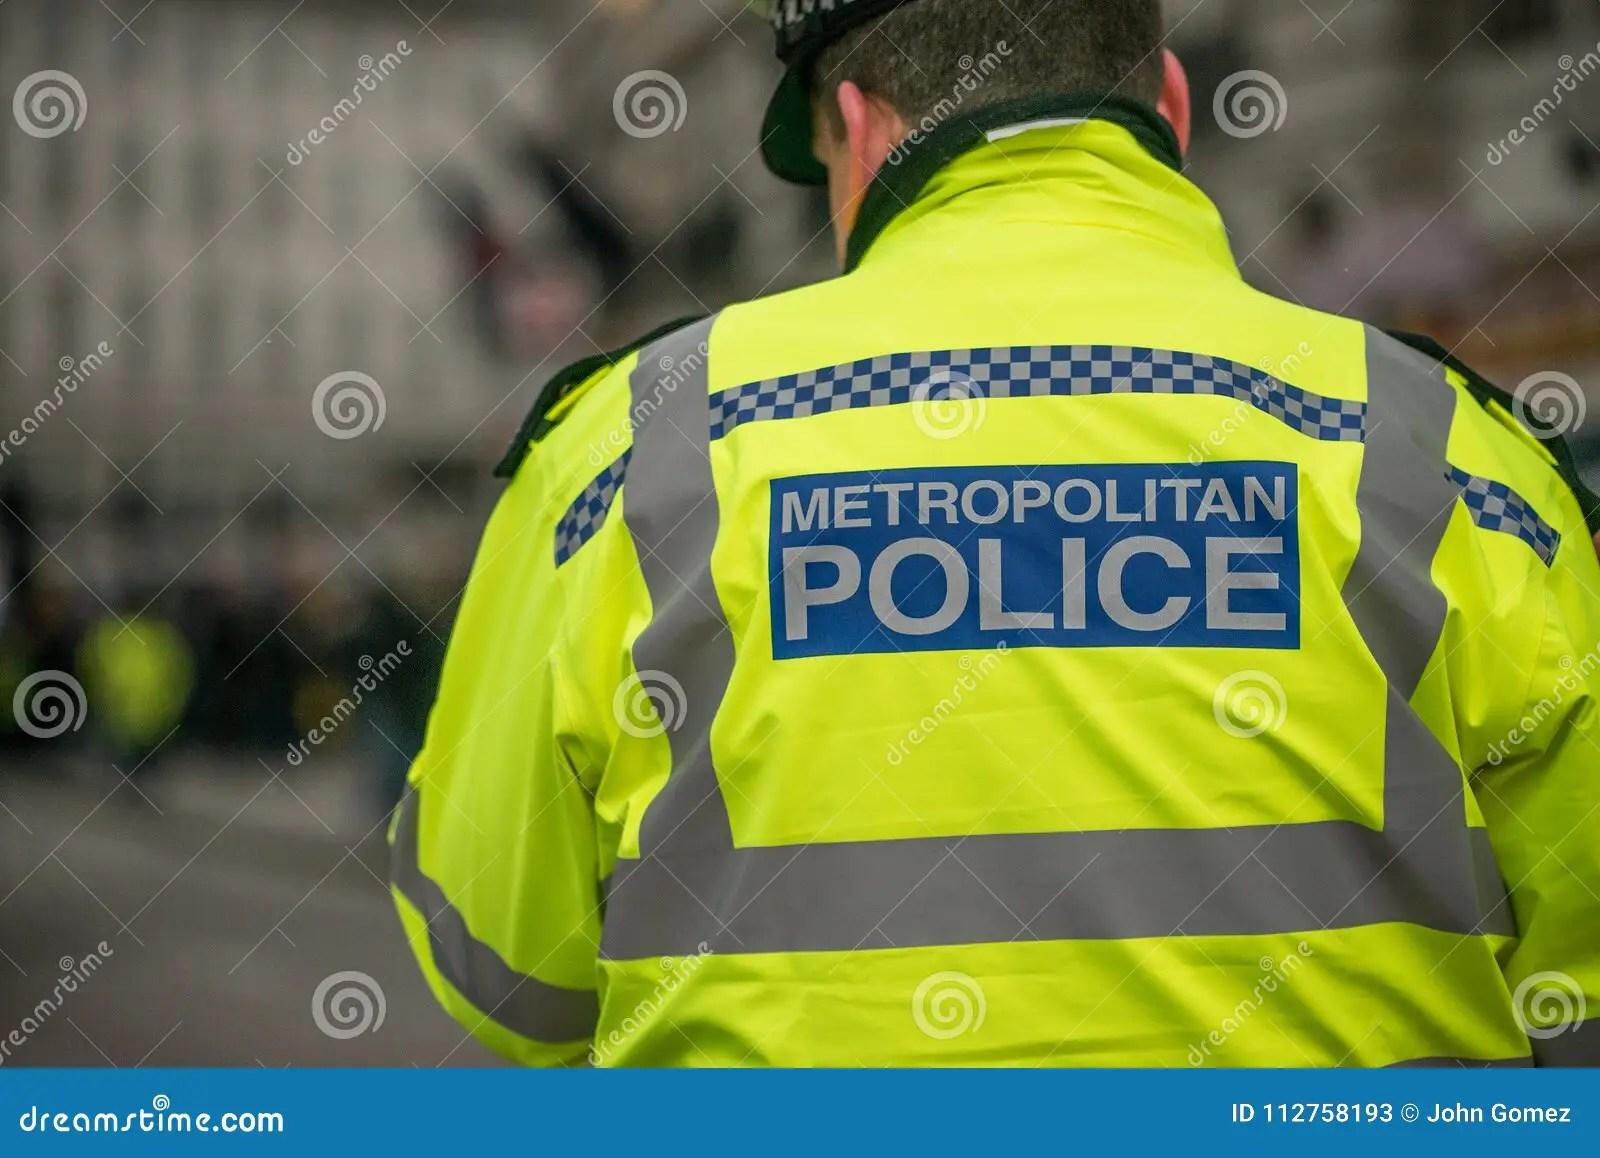 Close Up Of Metropolitan Police Sign